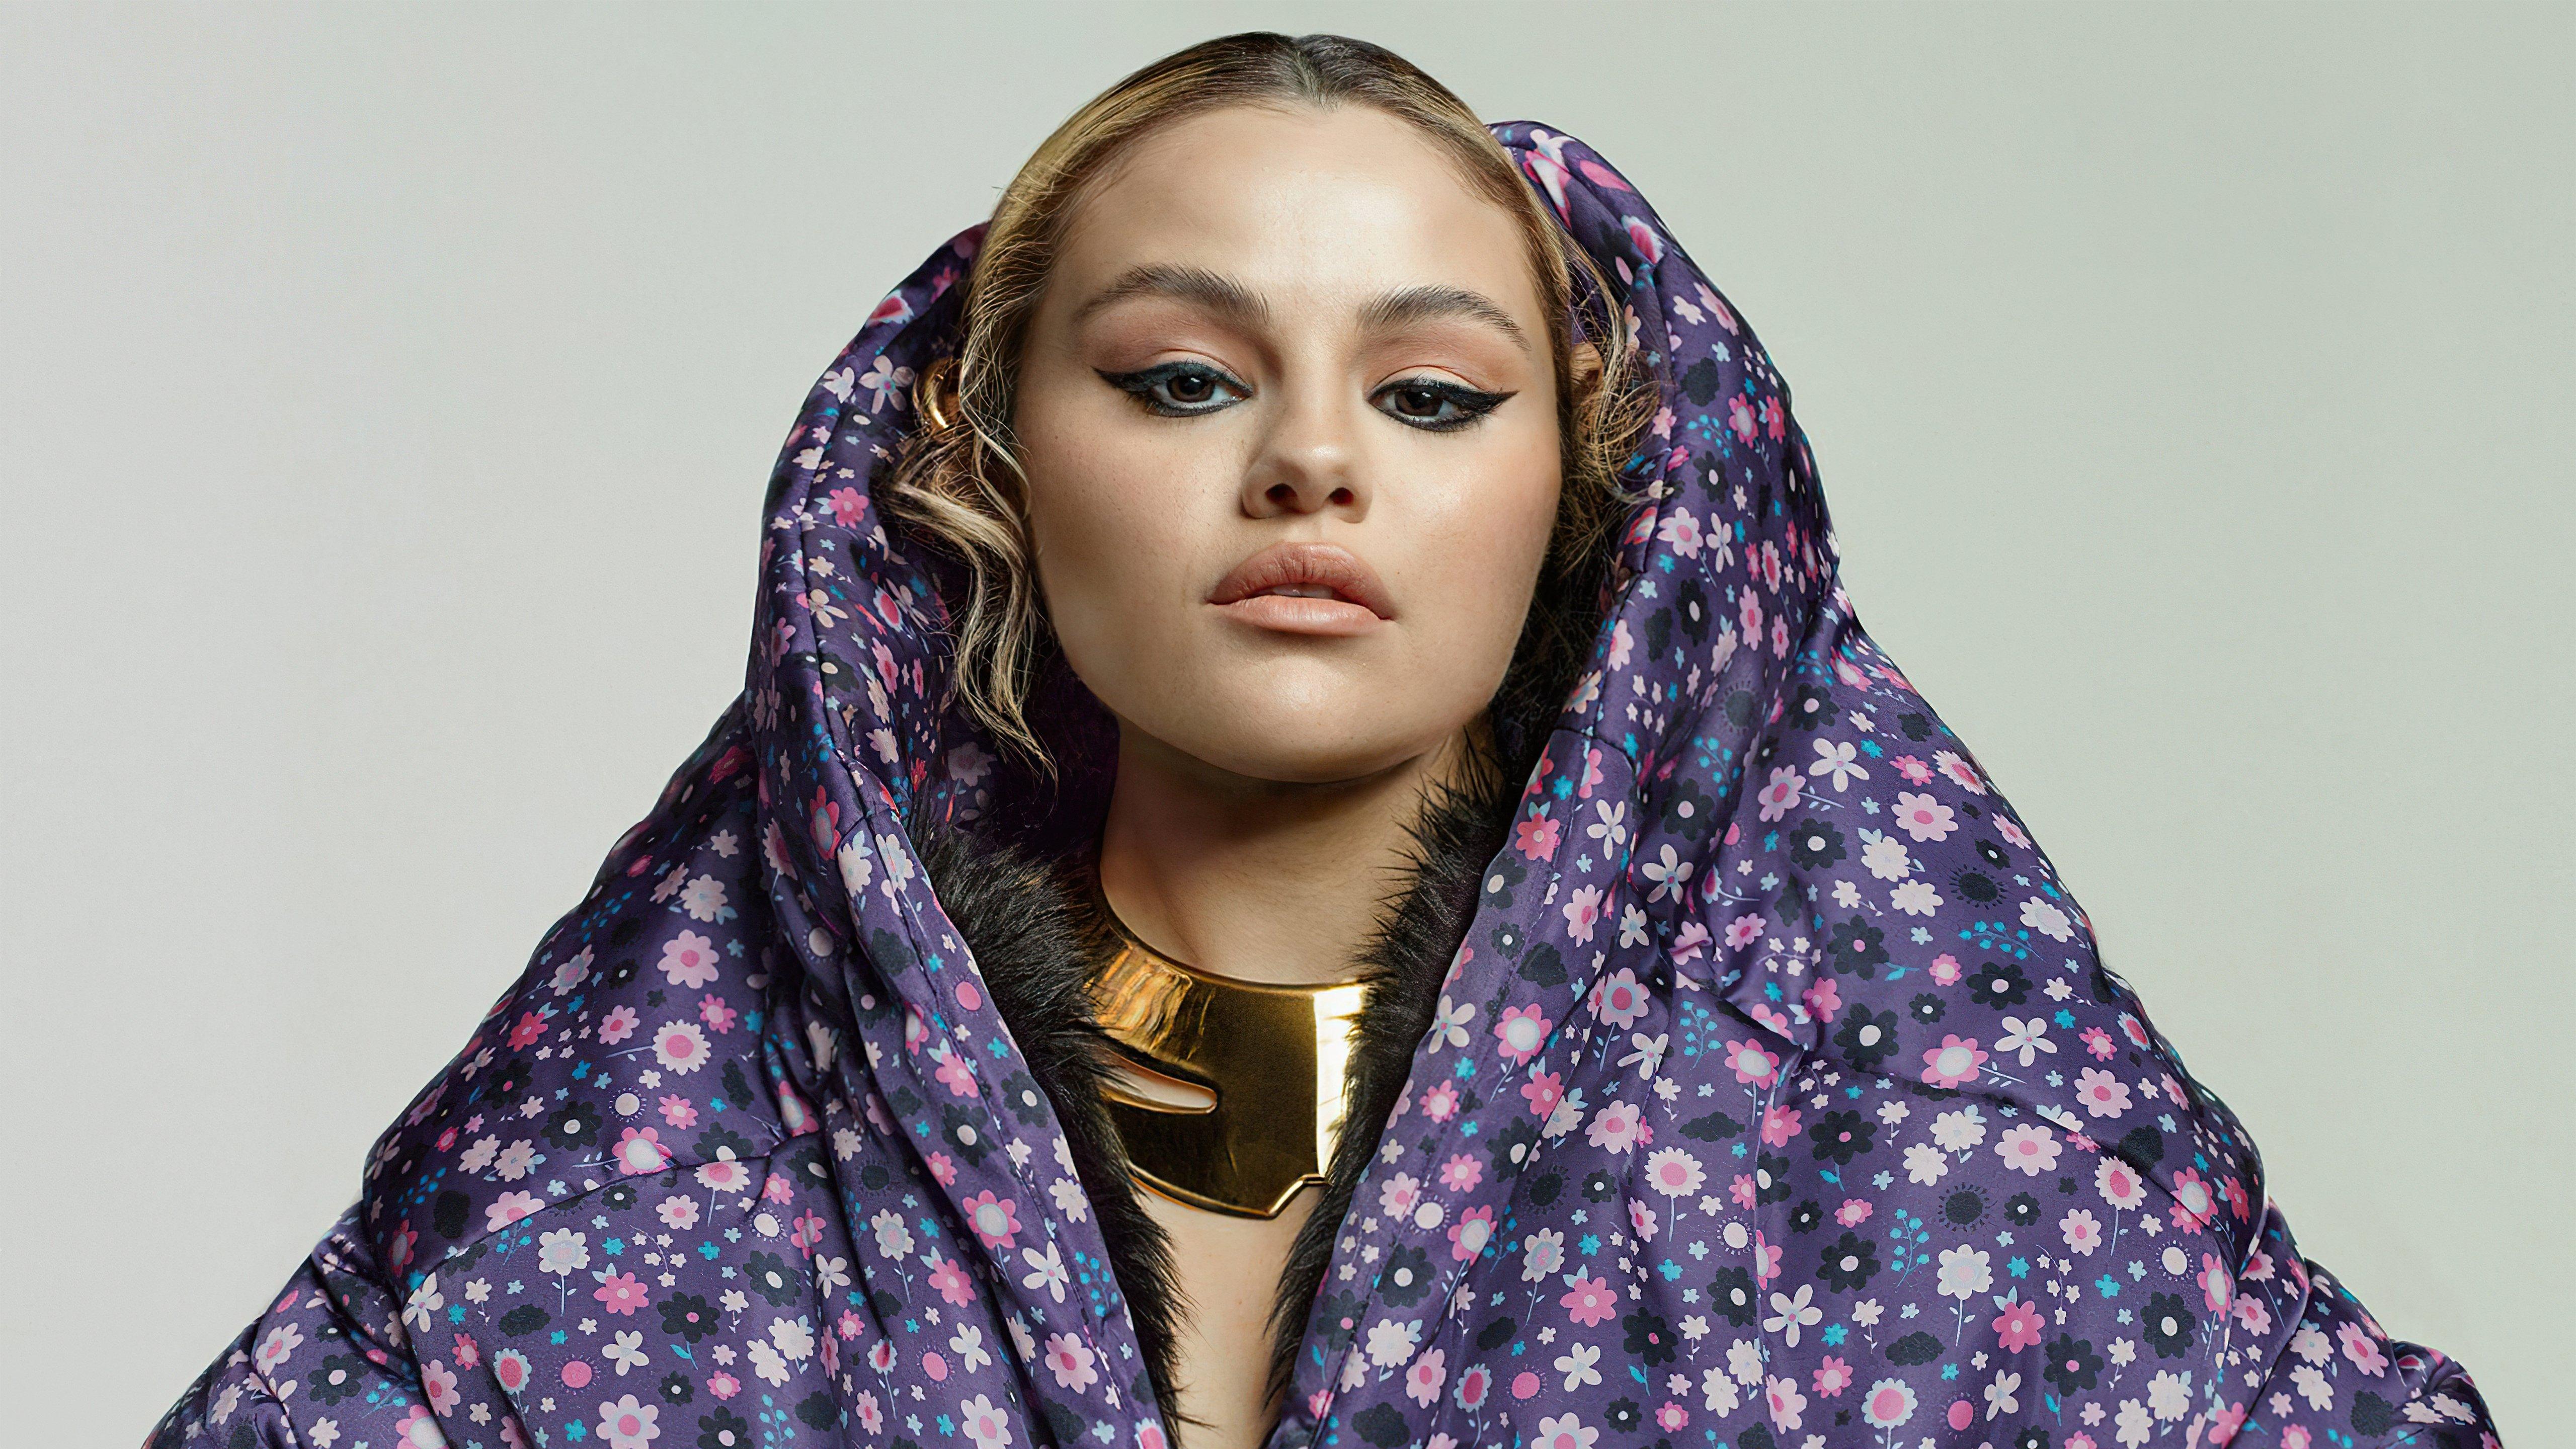 Fondos de pantalla Selena Gomez Vogue Singapore